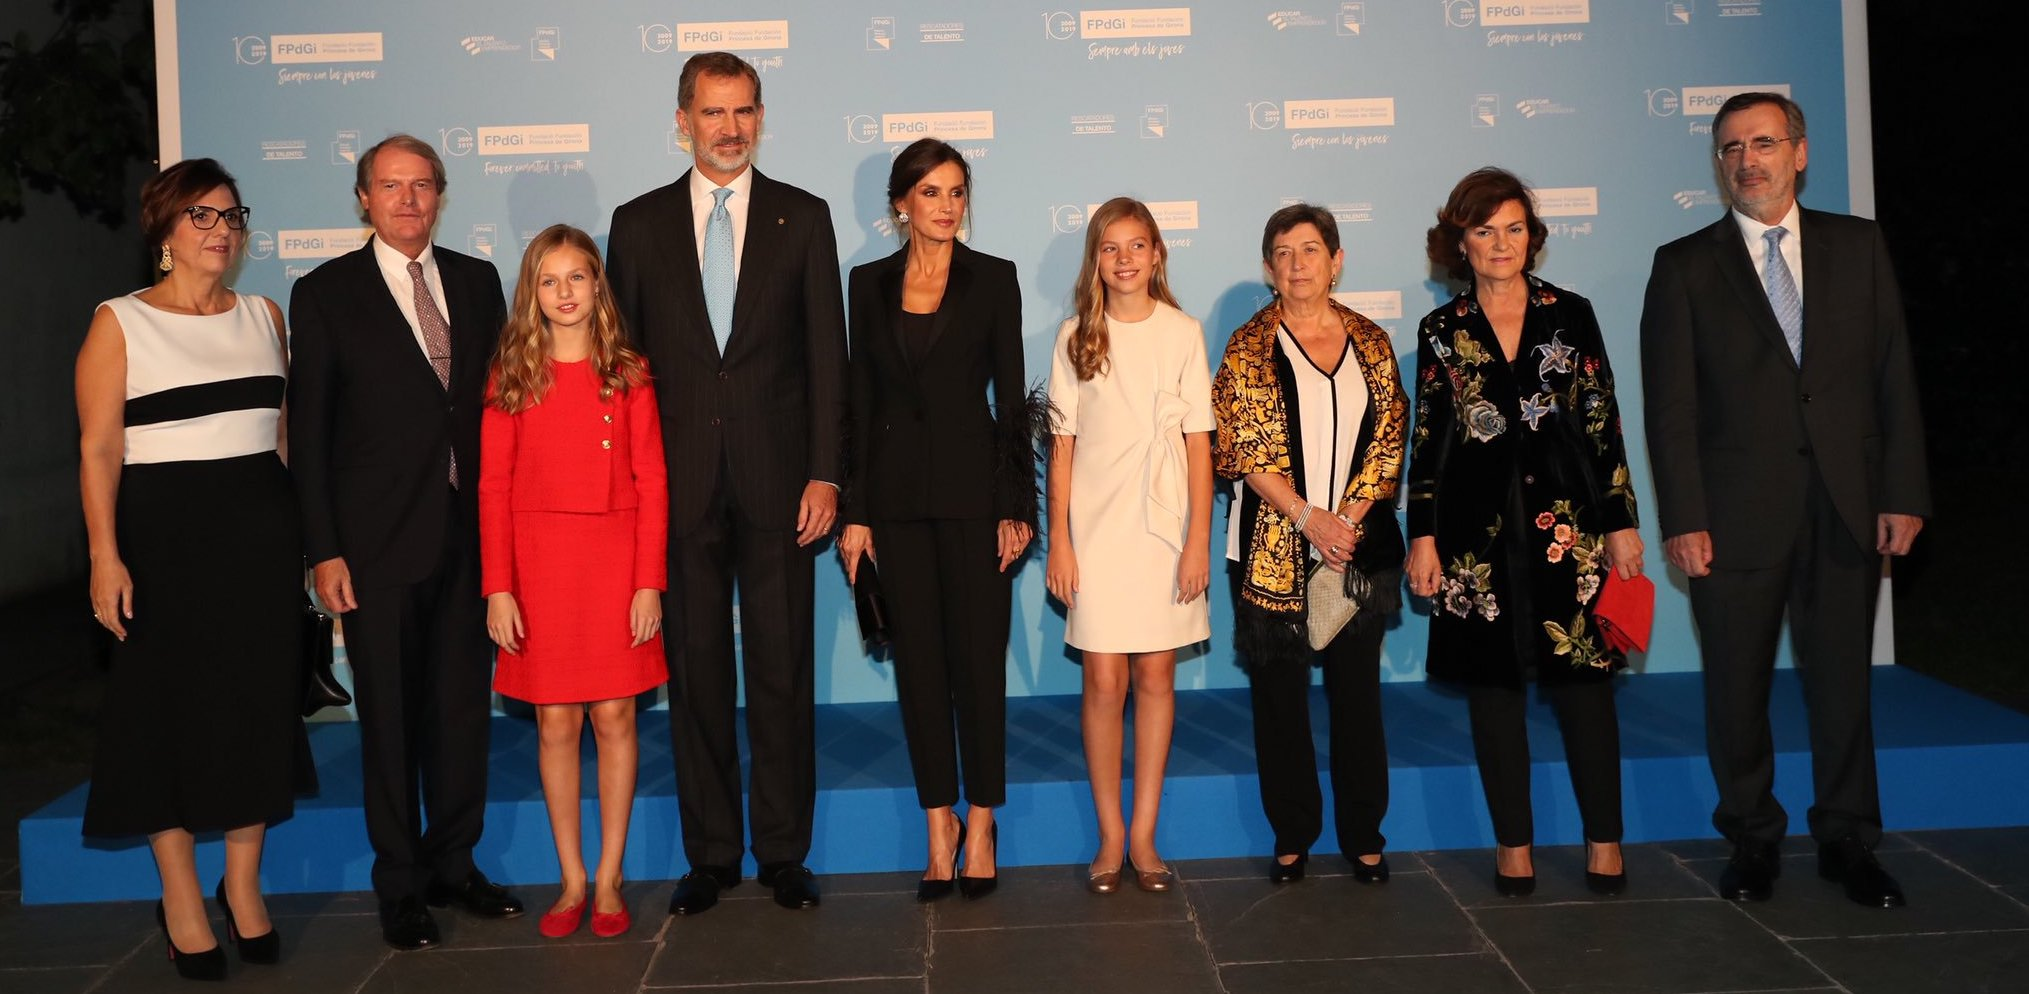 La princesa Leonor de rojo y la reina Letizia de negro en la entrega de los Premios Princesa de Girona, toda una lección de estilo